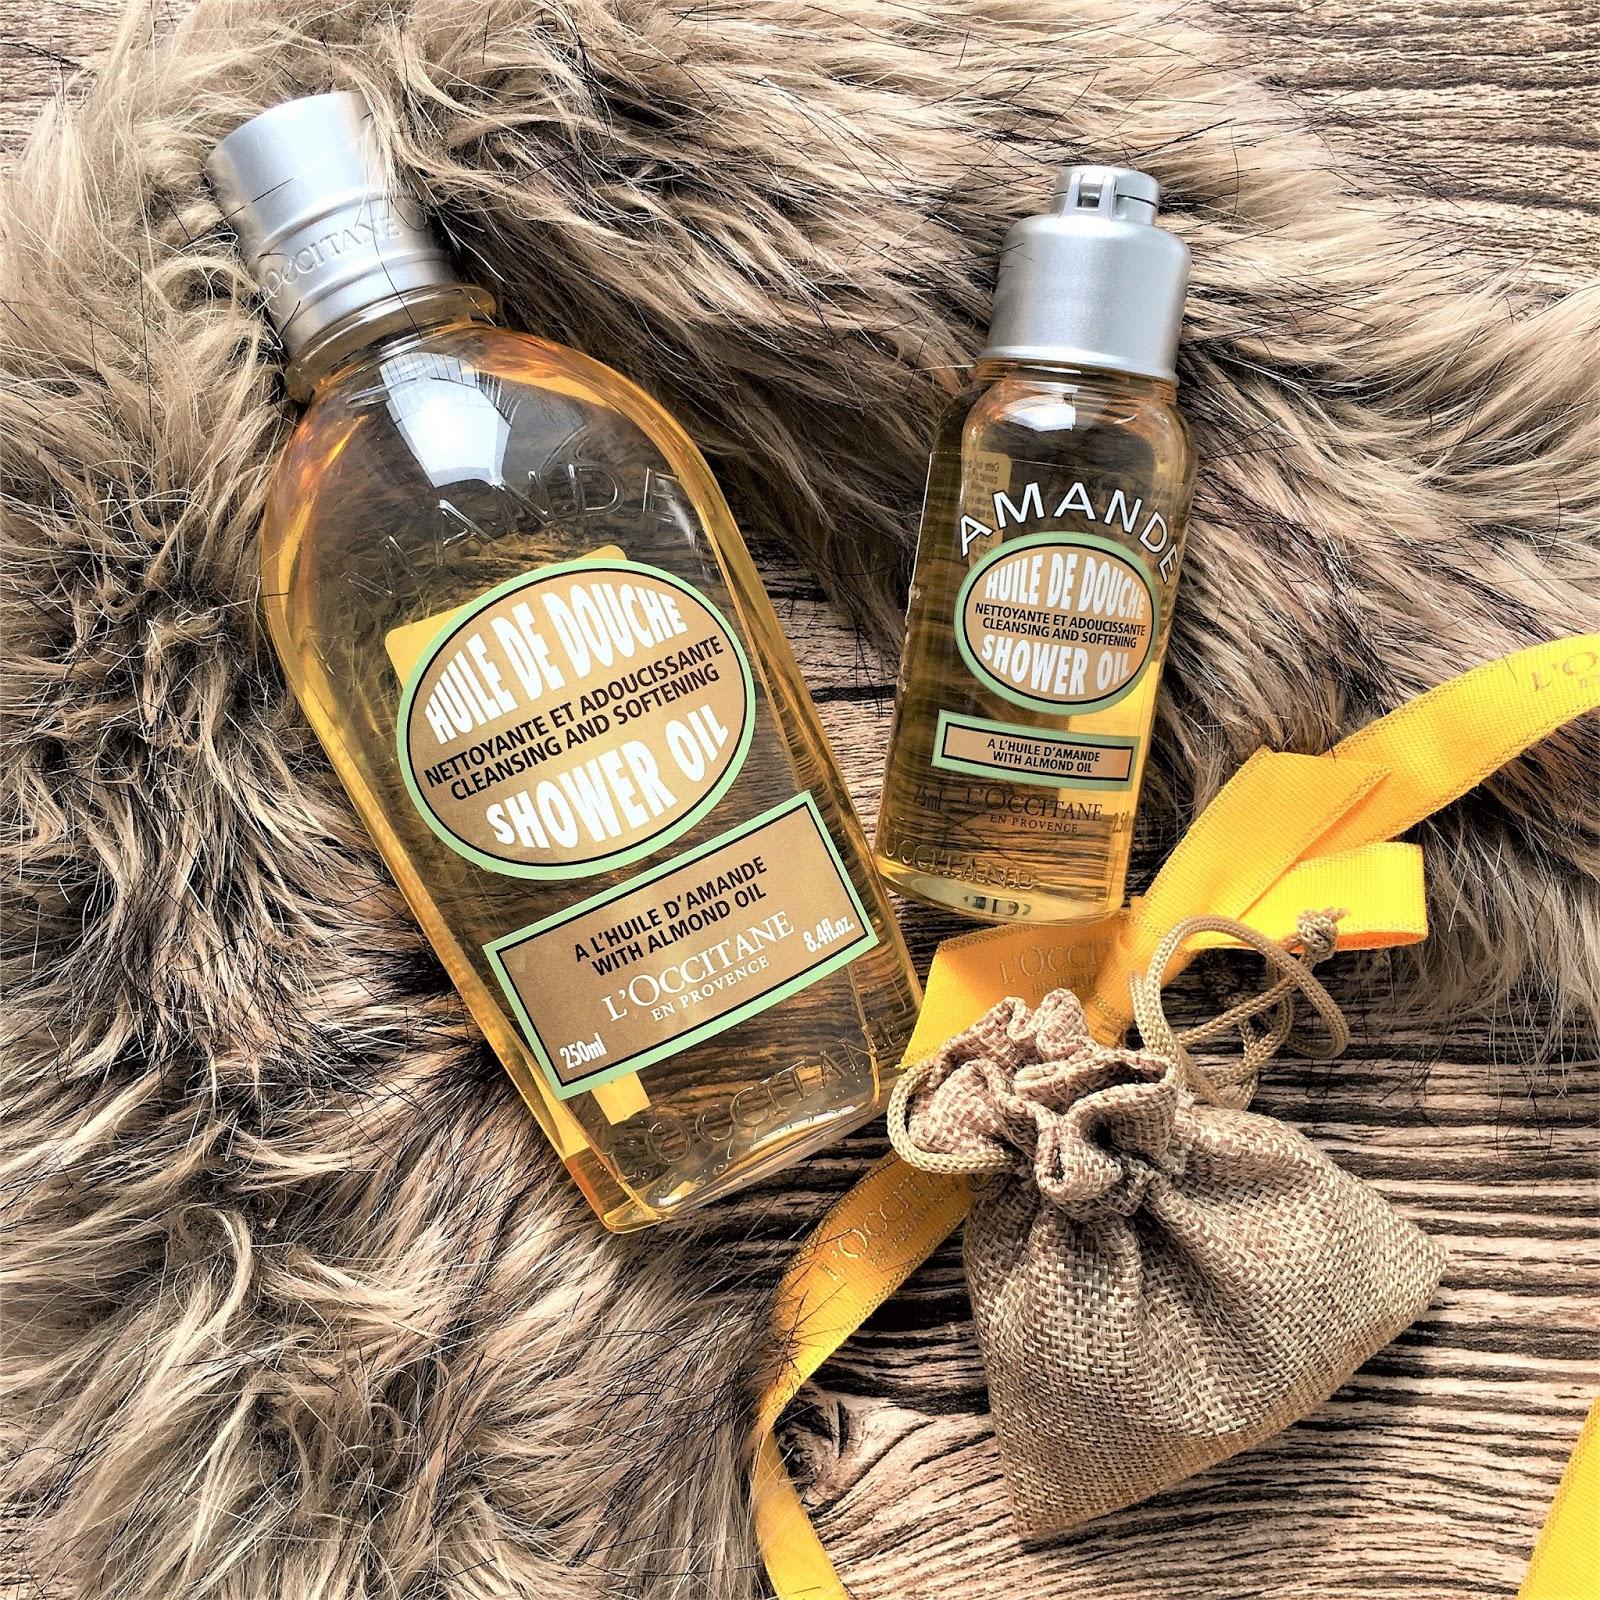 Migdałowy olejek pod prysznic L'Occitane  za 80 zł - czy jest wart swojej ceny?